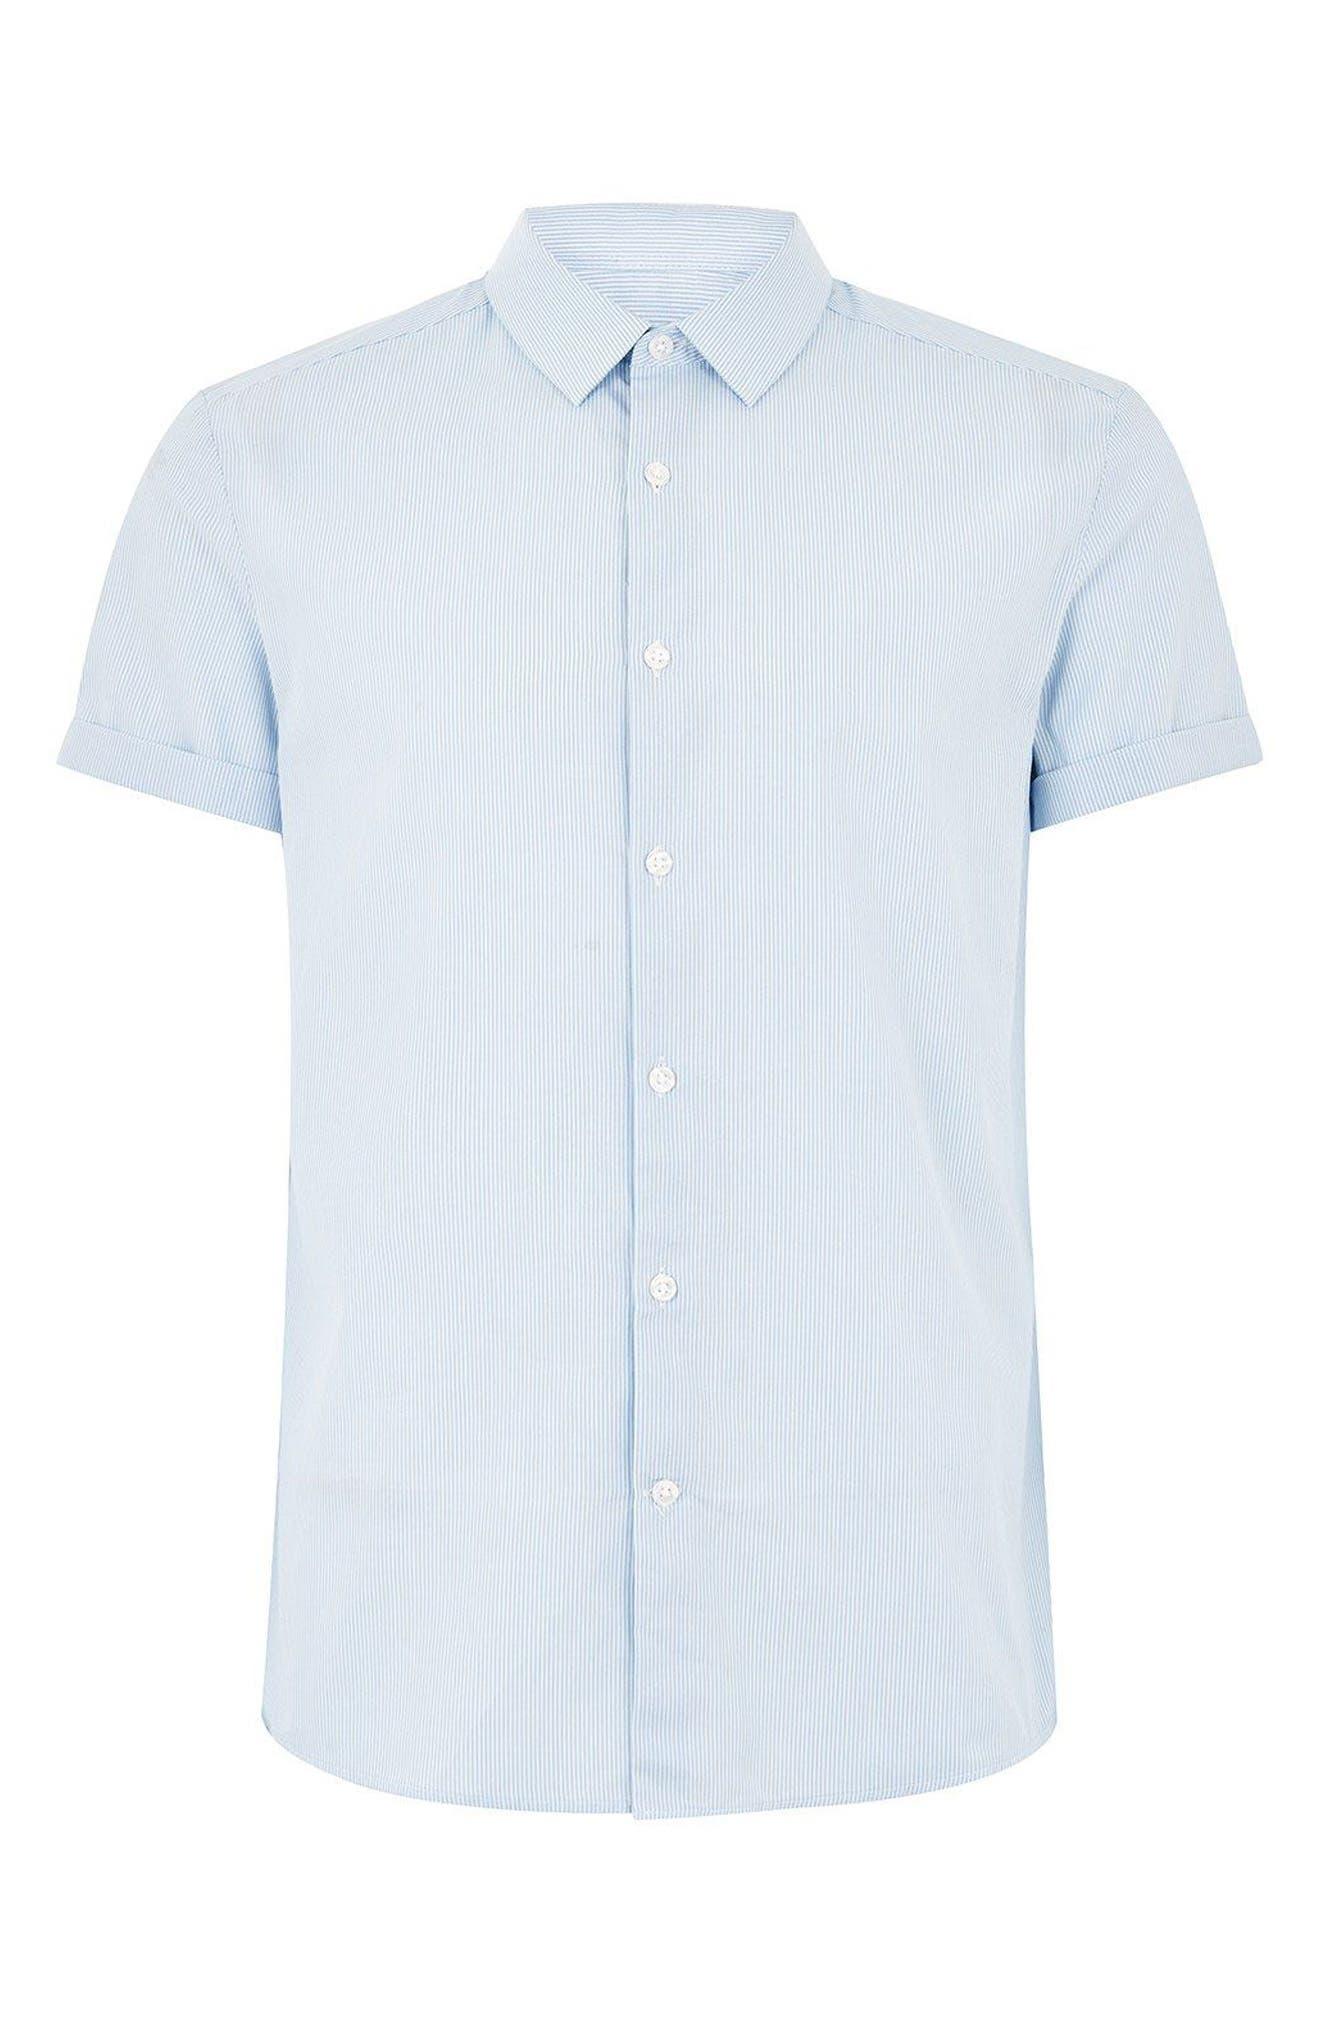 Slim Fit Stripe Shirt,                             Alternate thumbnail 5, color,                             BLUE BULTI